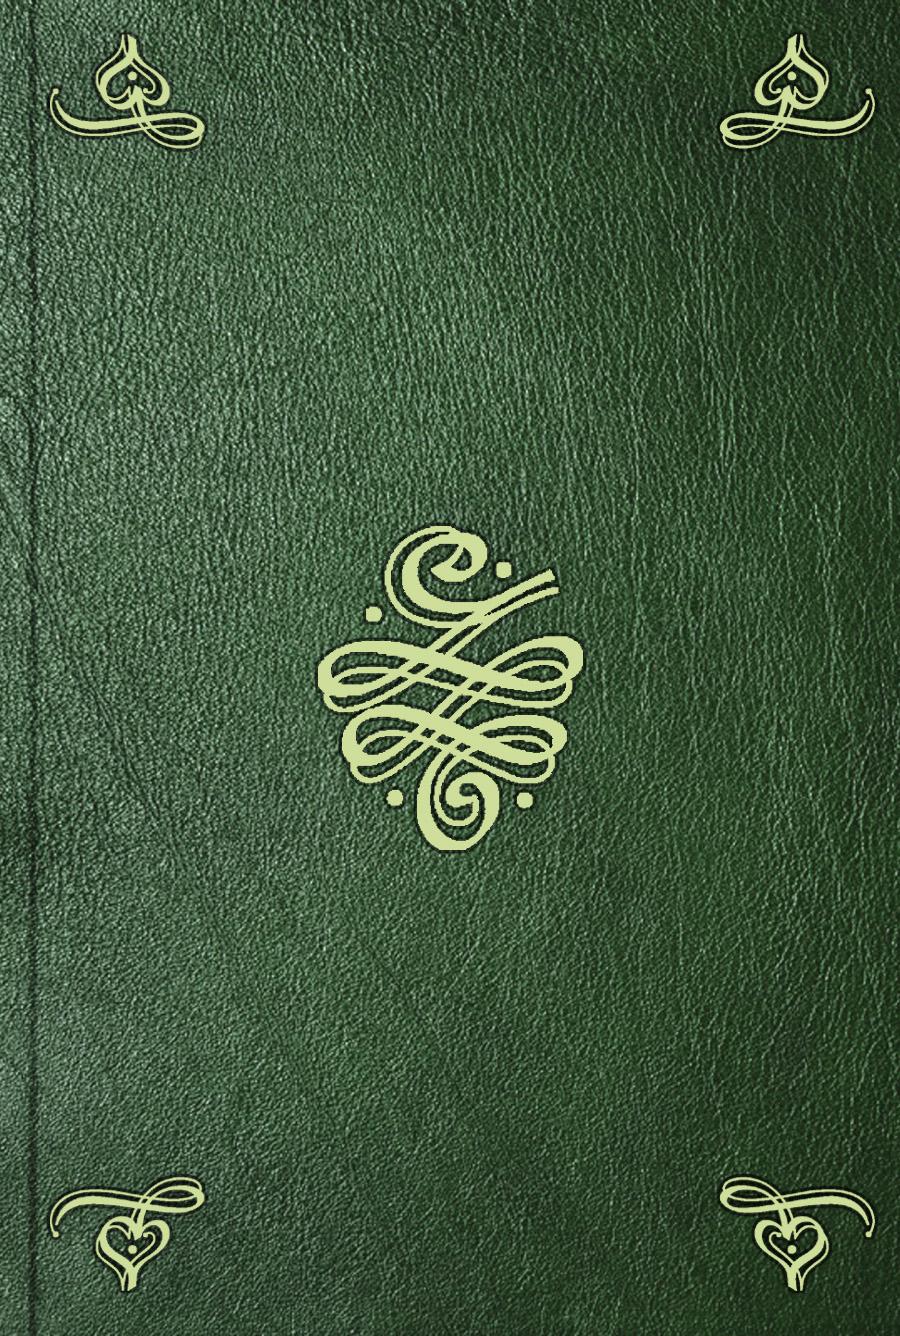 Susanne Curchod Necker Mélanges extraits des manuscrits. T. 2 ornementation des manuscrits au moyen age xiii siecle